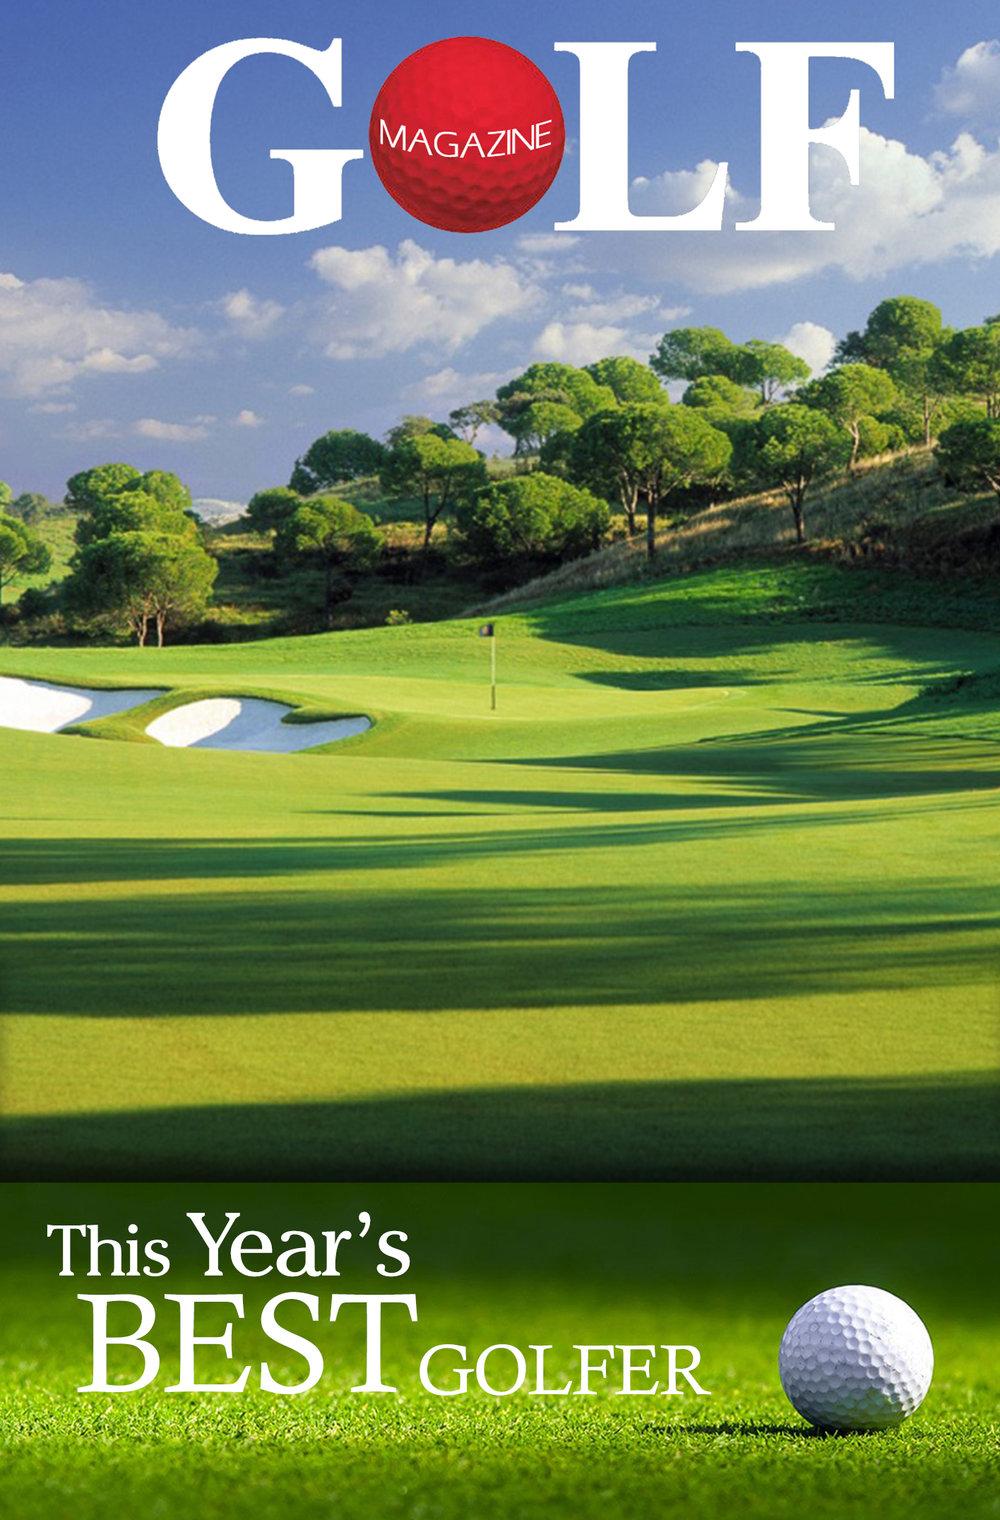 Magazine - Best Golfer